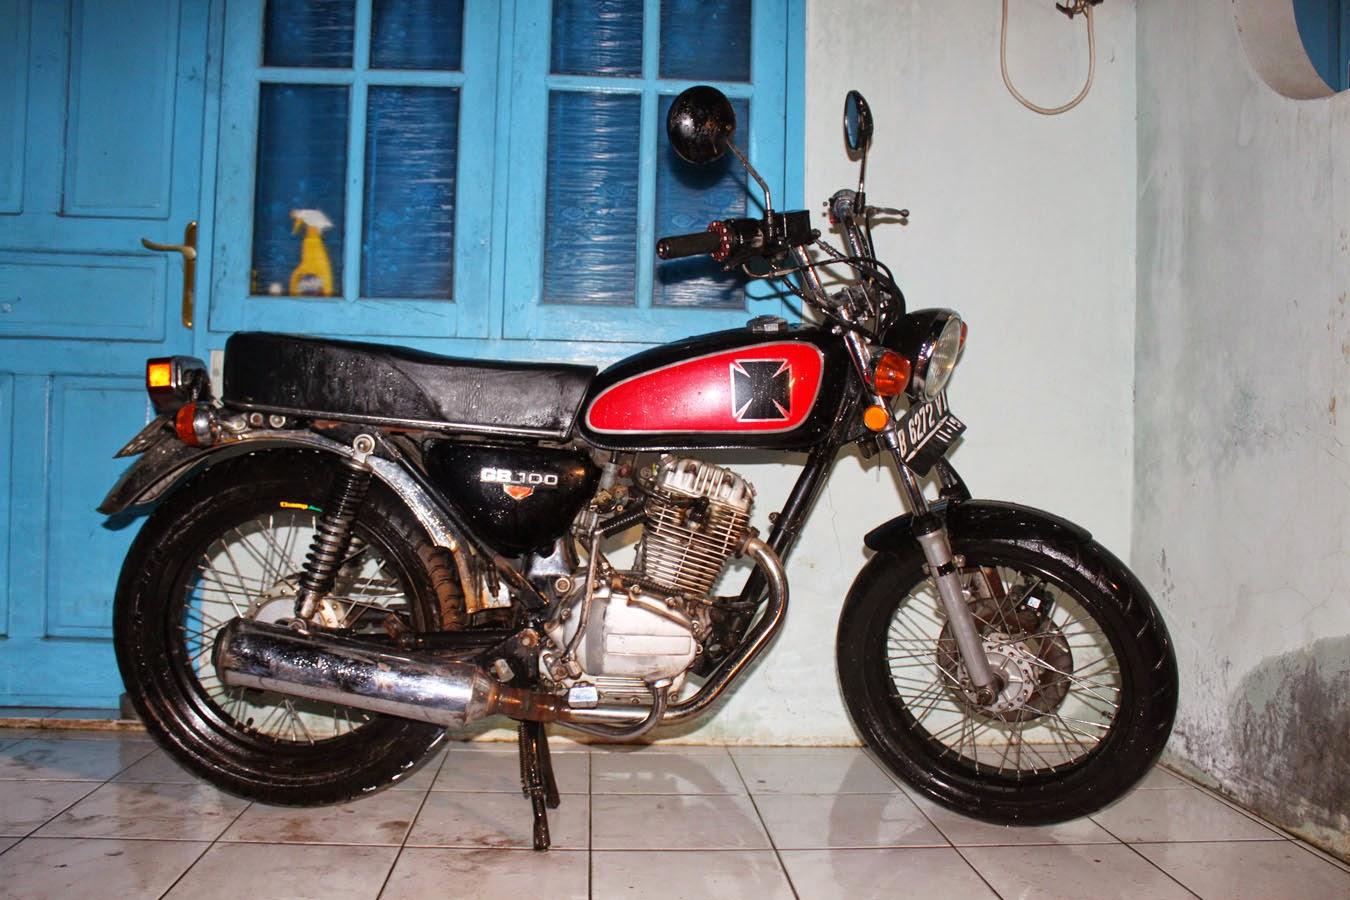 105 Gambar Modif Motor Cb Klasik Modifikasi Motor Honda CB Terbaru